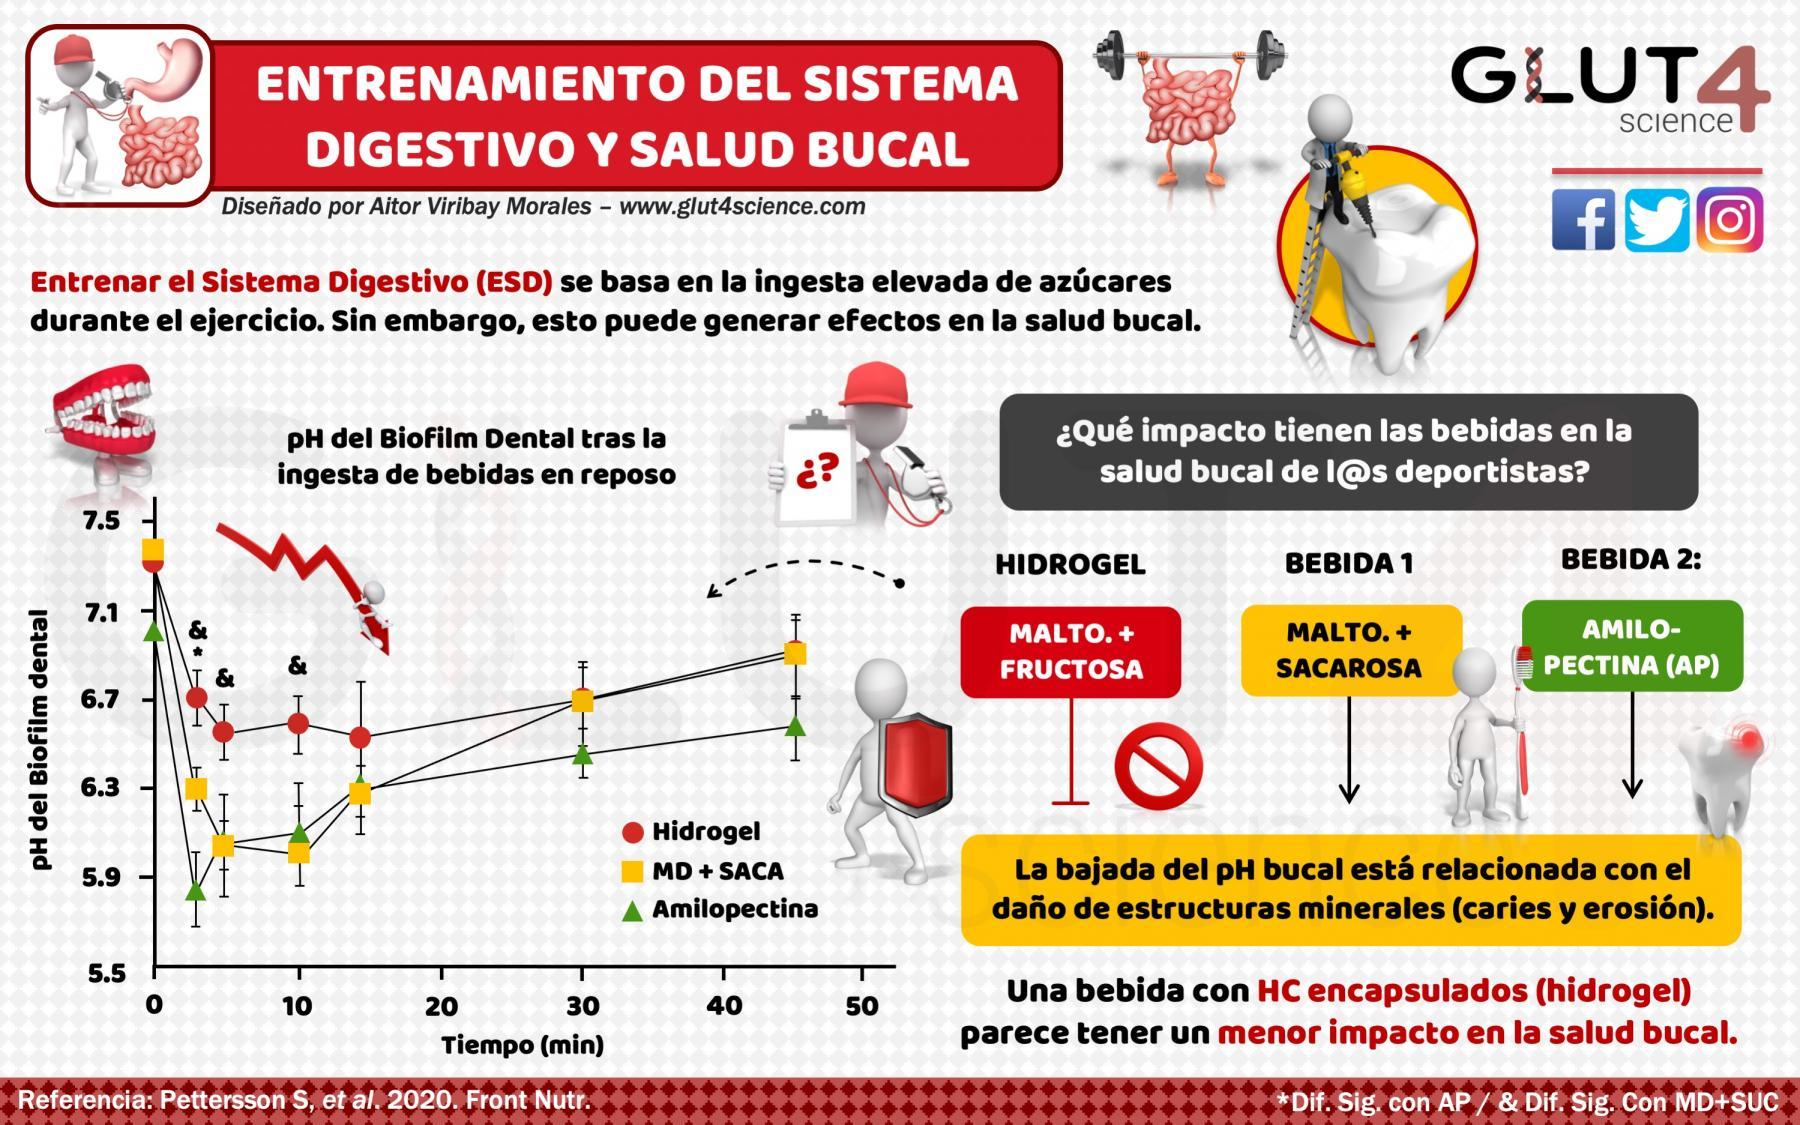 Salud Bucal y Bebidas Deportivas en Atletas